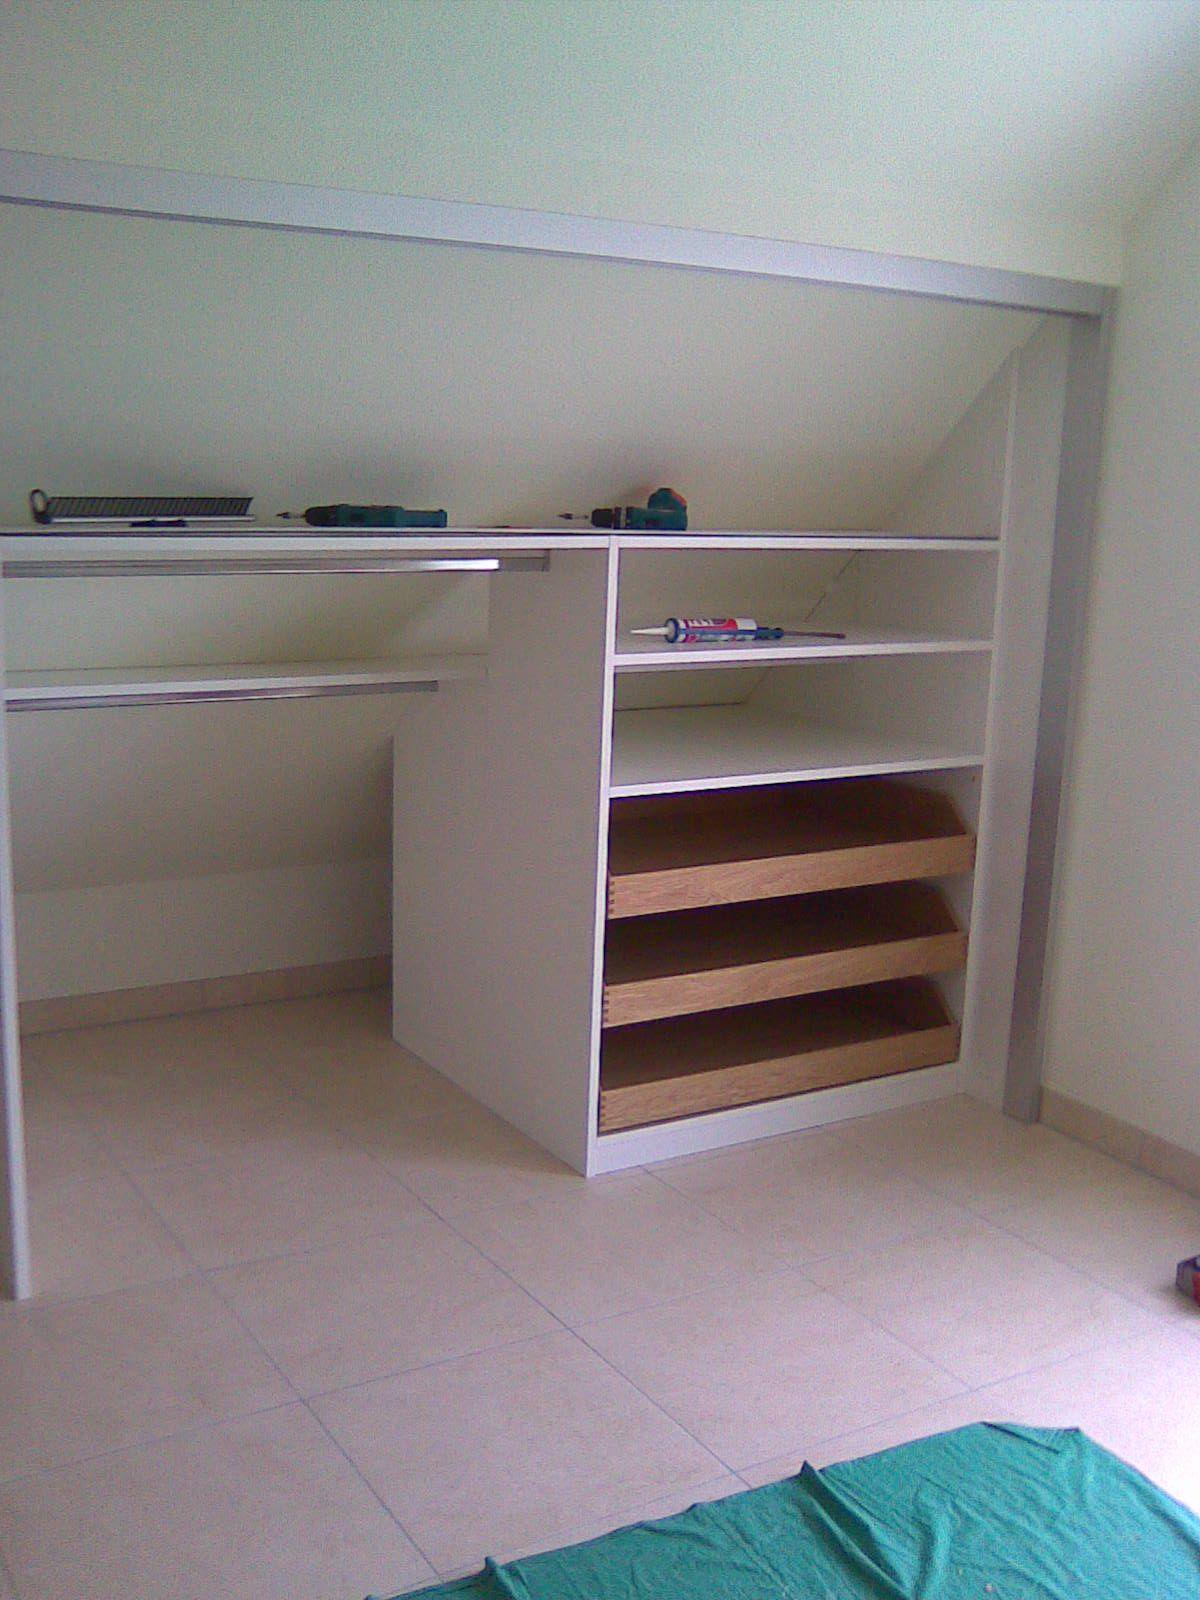 Résultats De Recherche Du0027images Pour « Dachschräge Schlafzimmer »